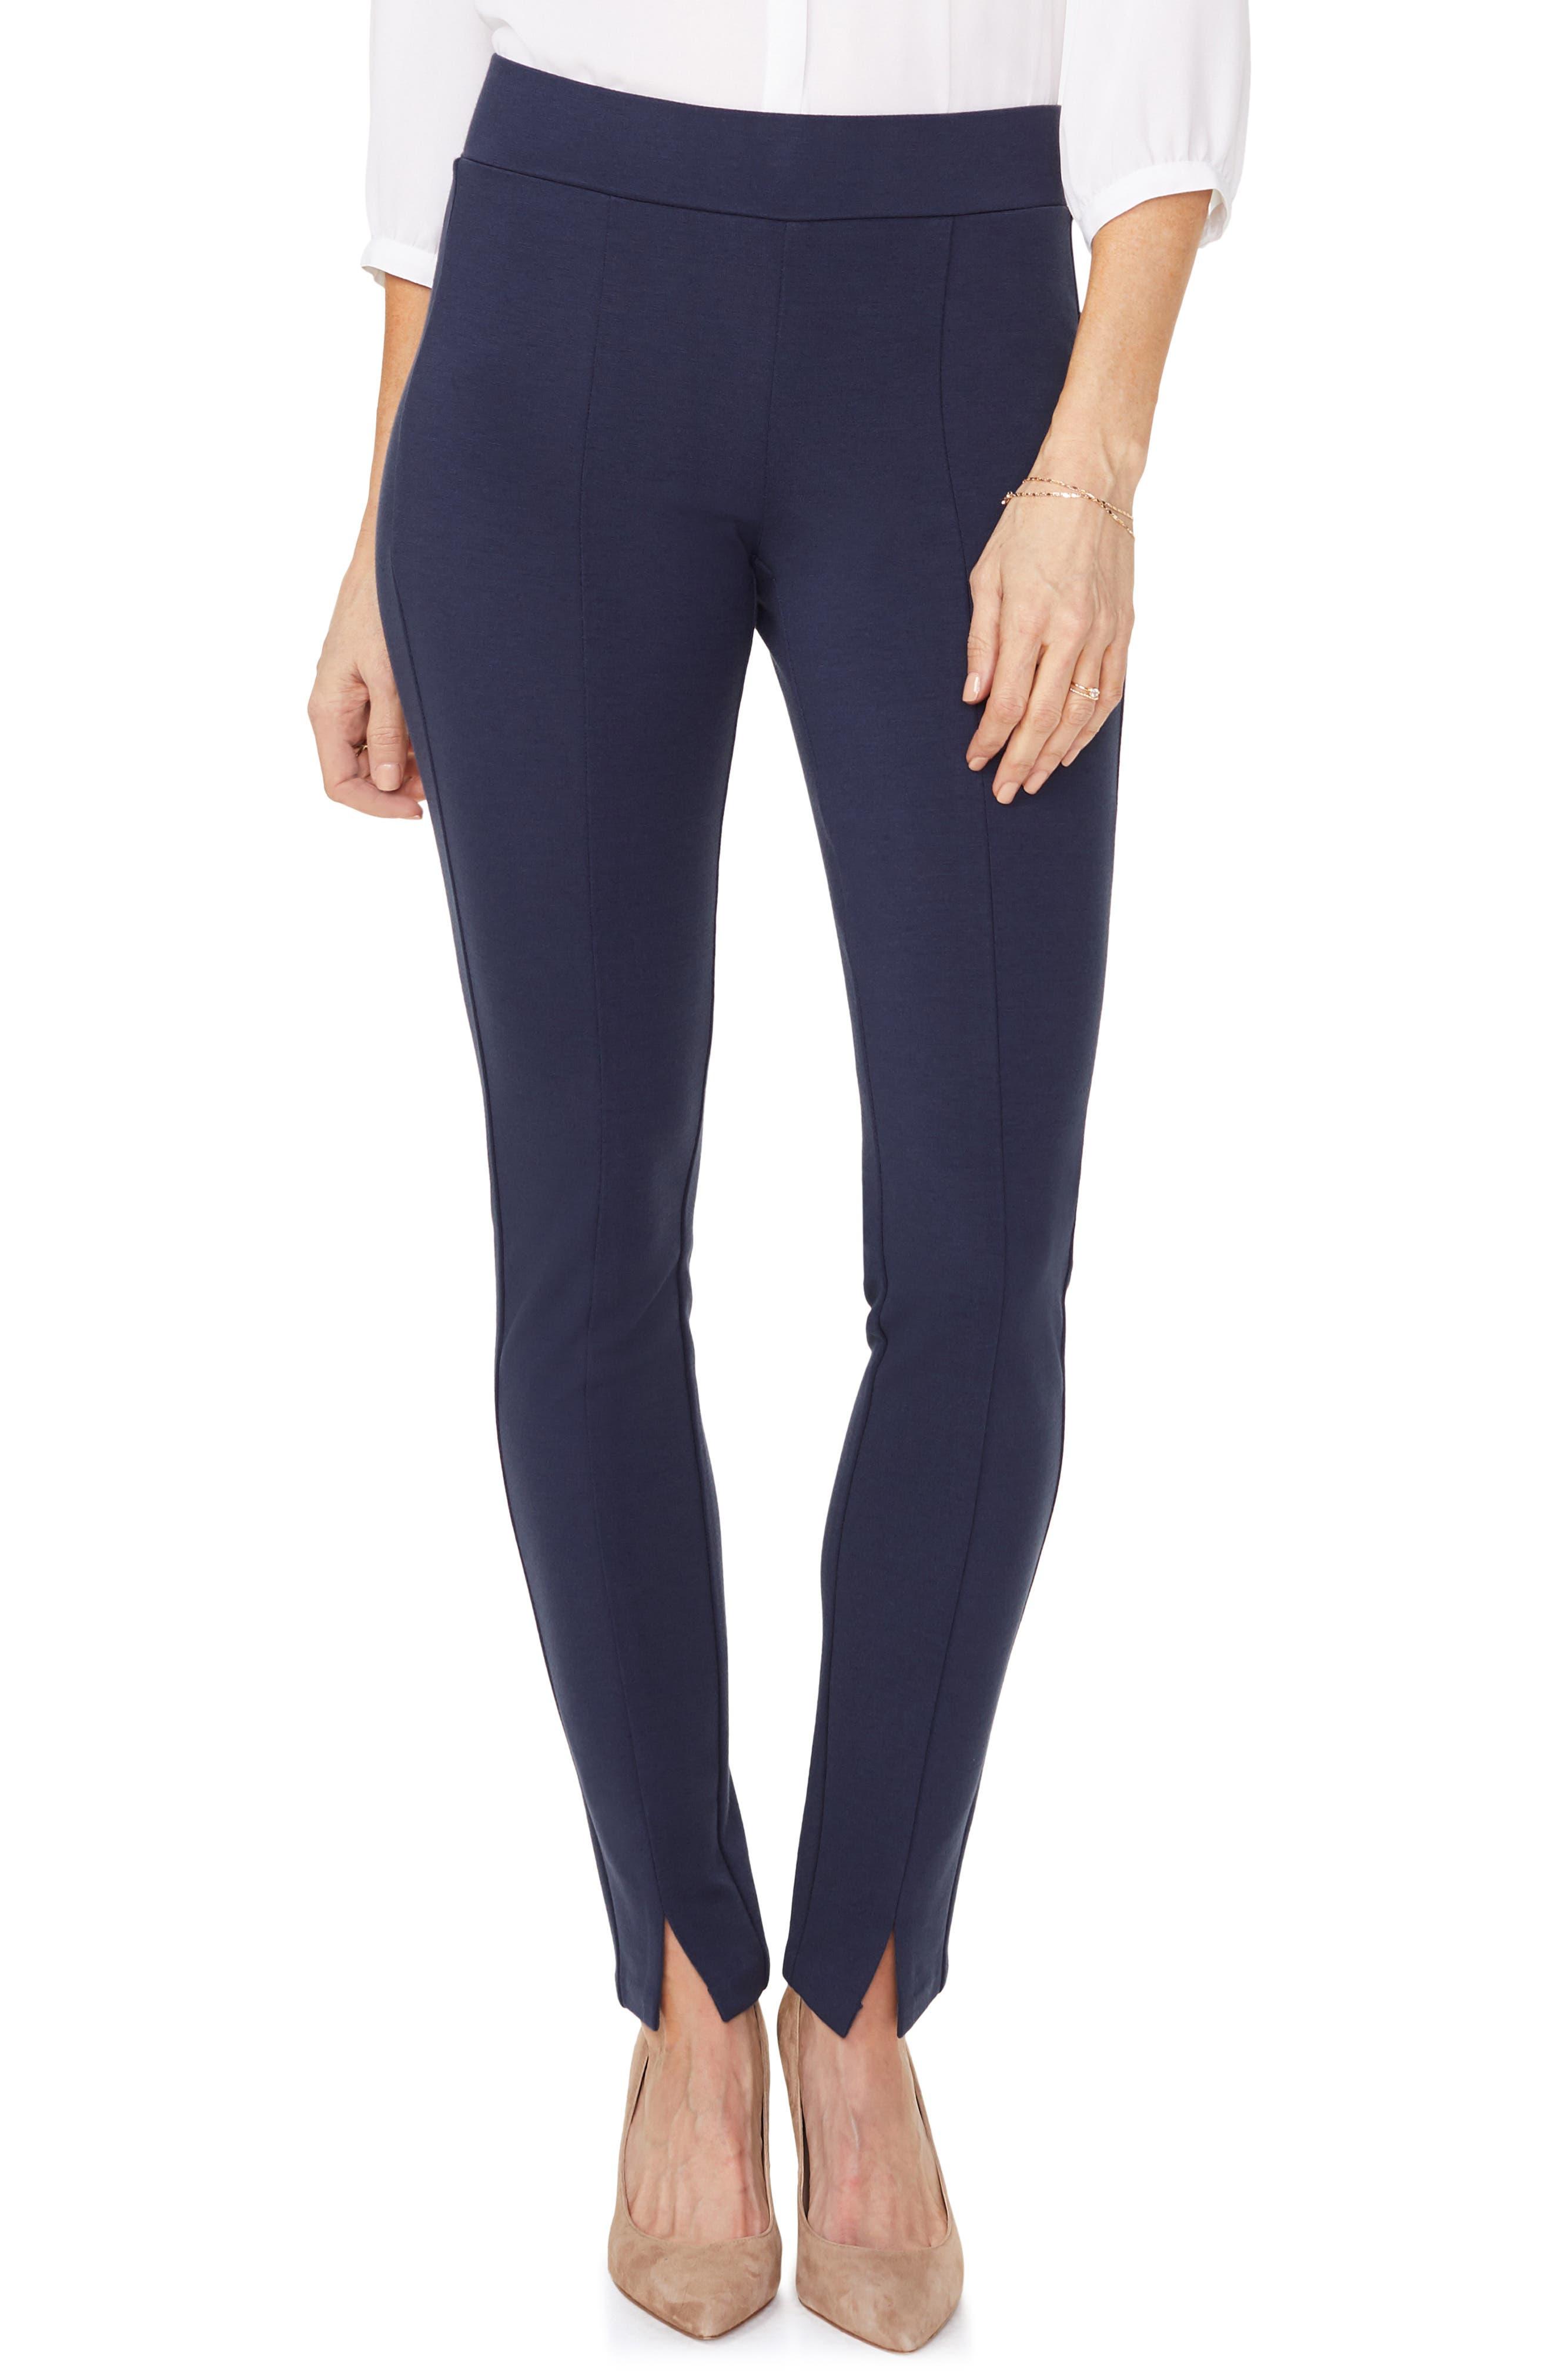 Women's NYDJ Slit Hem Leggings